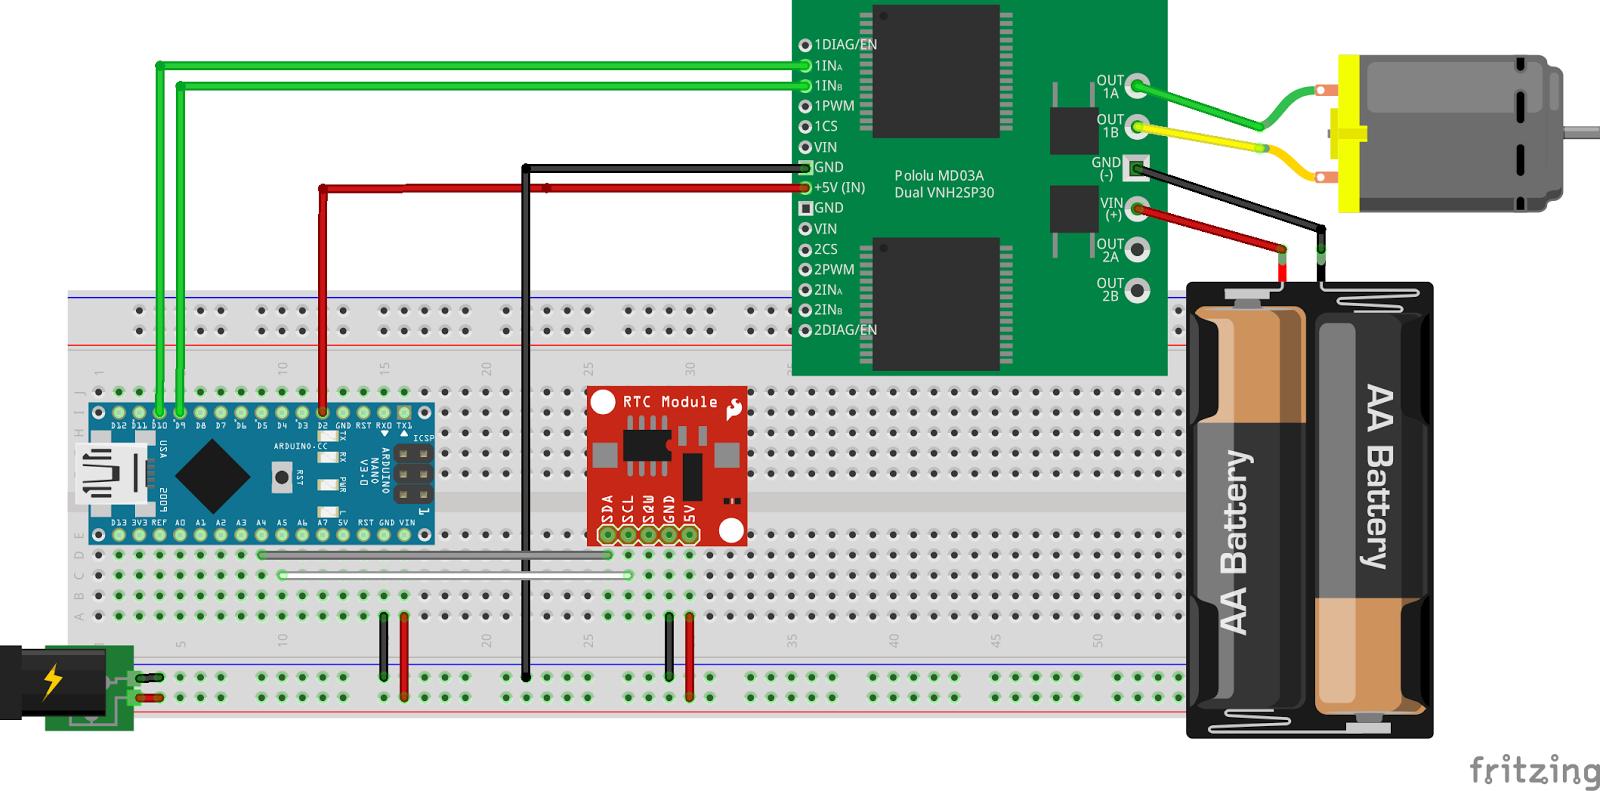 Pouletronic 77 porte de poulailler part 3 arduino - Fermeture automatique porte poulailler ...